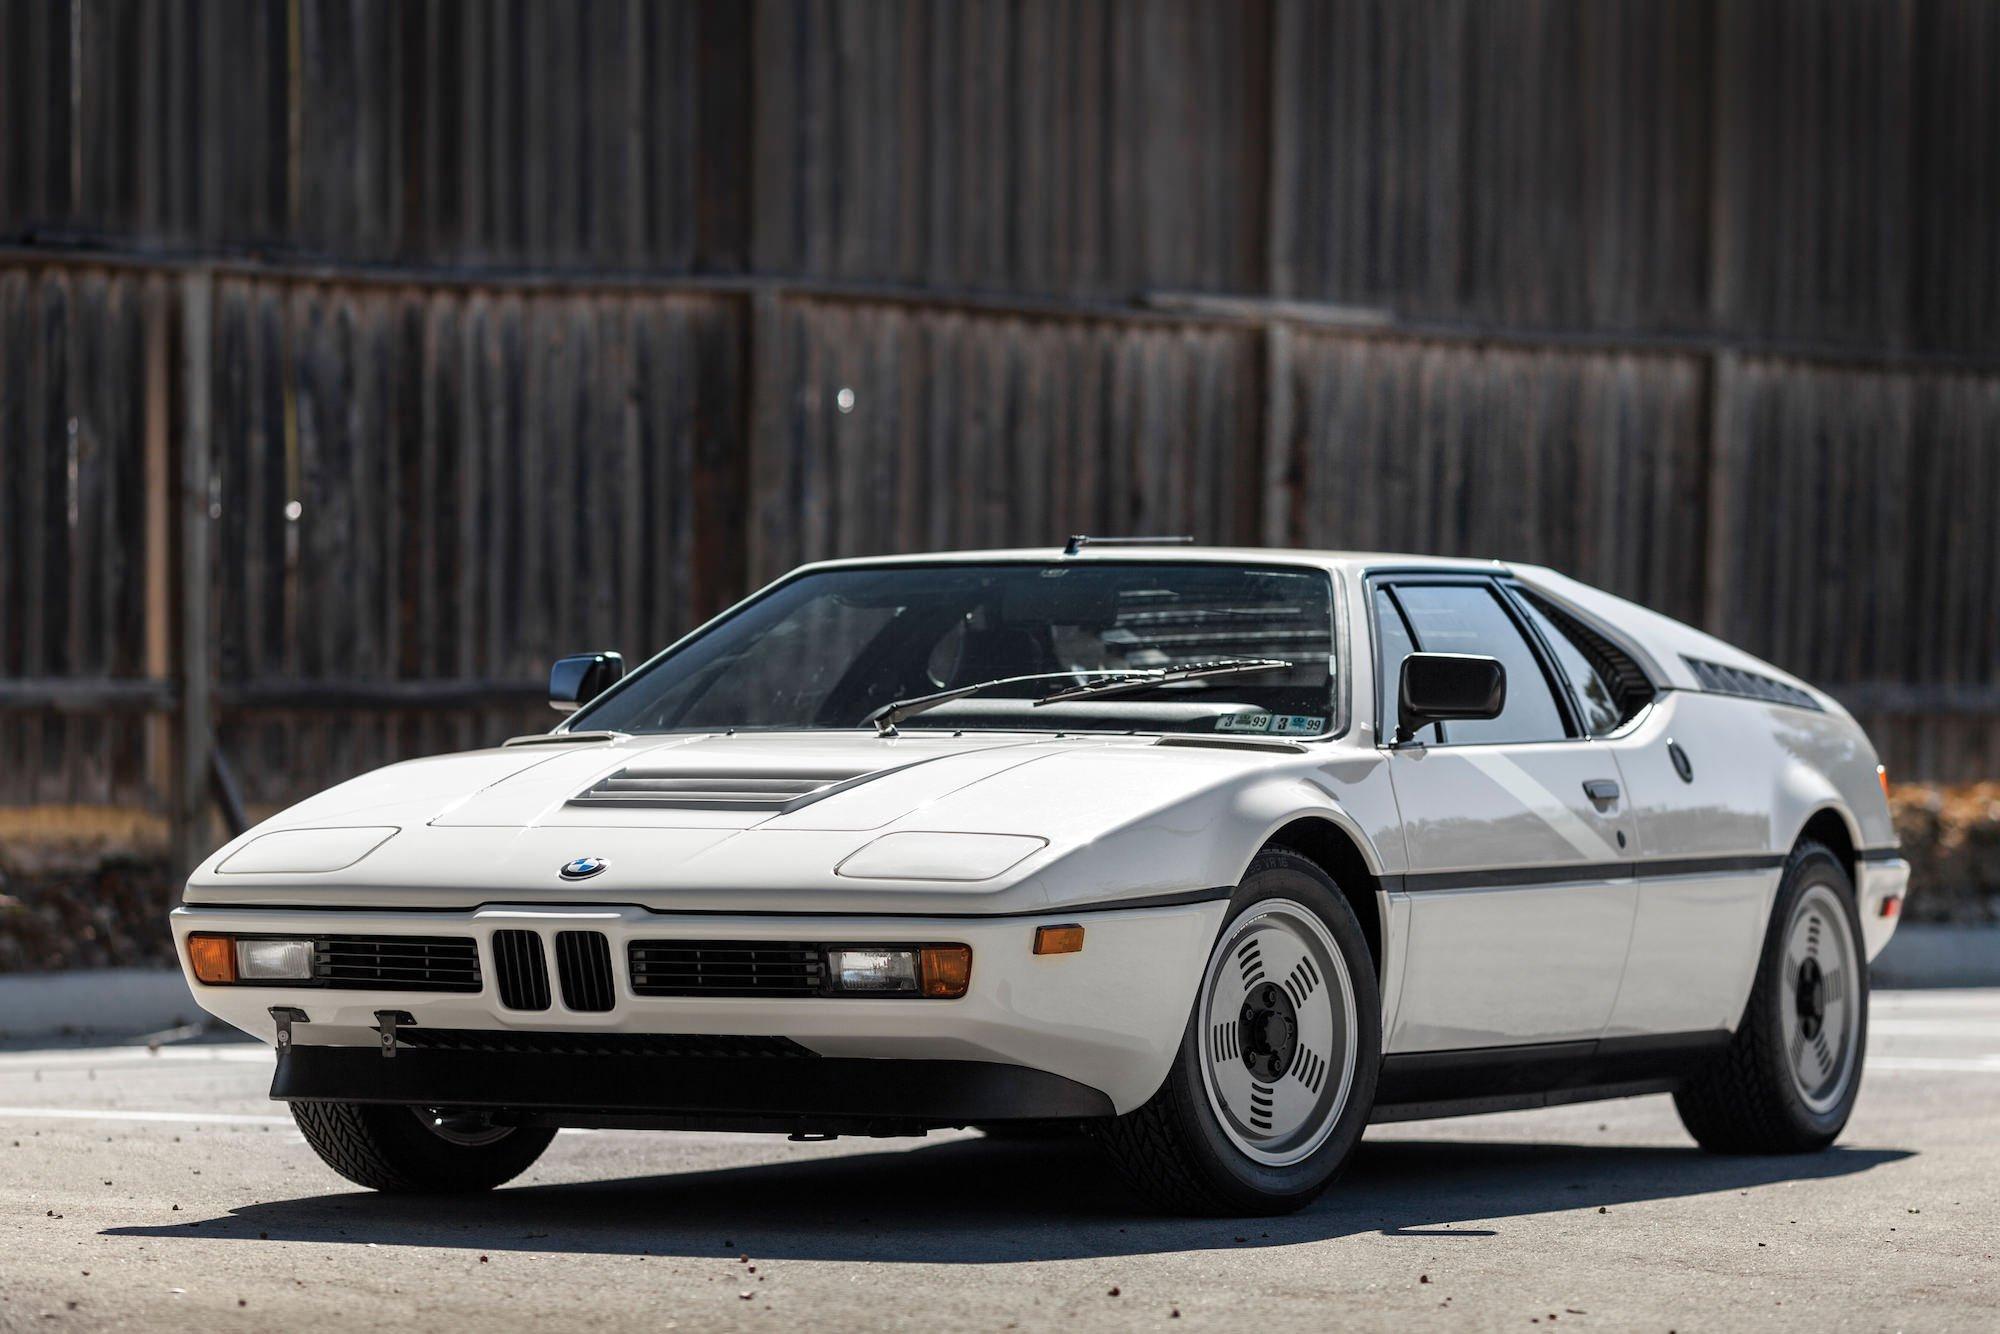 The Original BMW M1